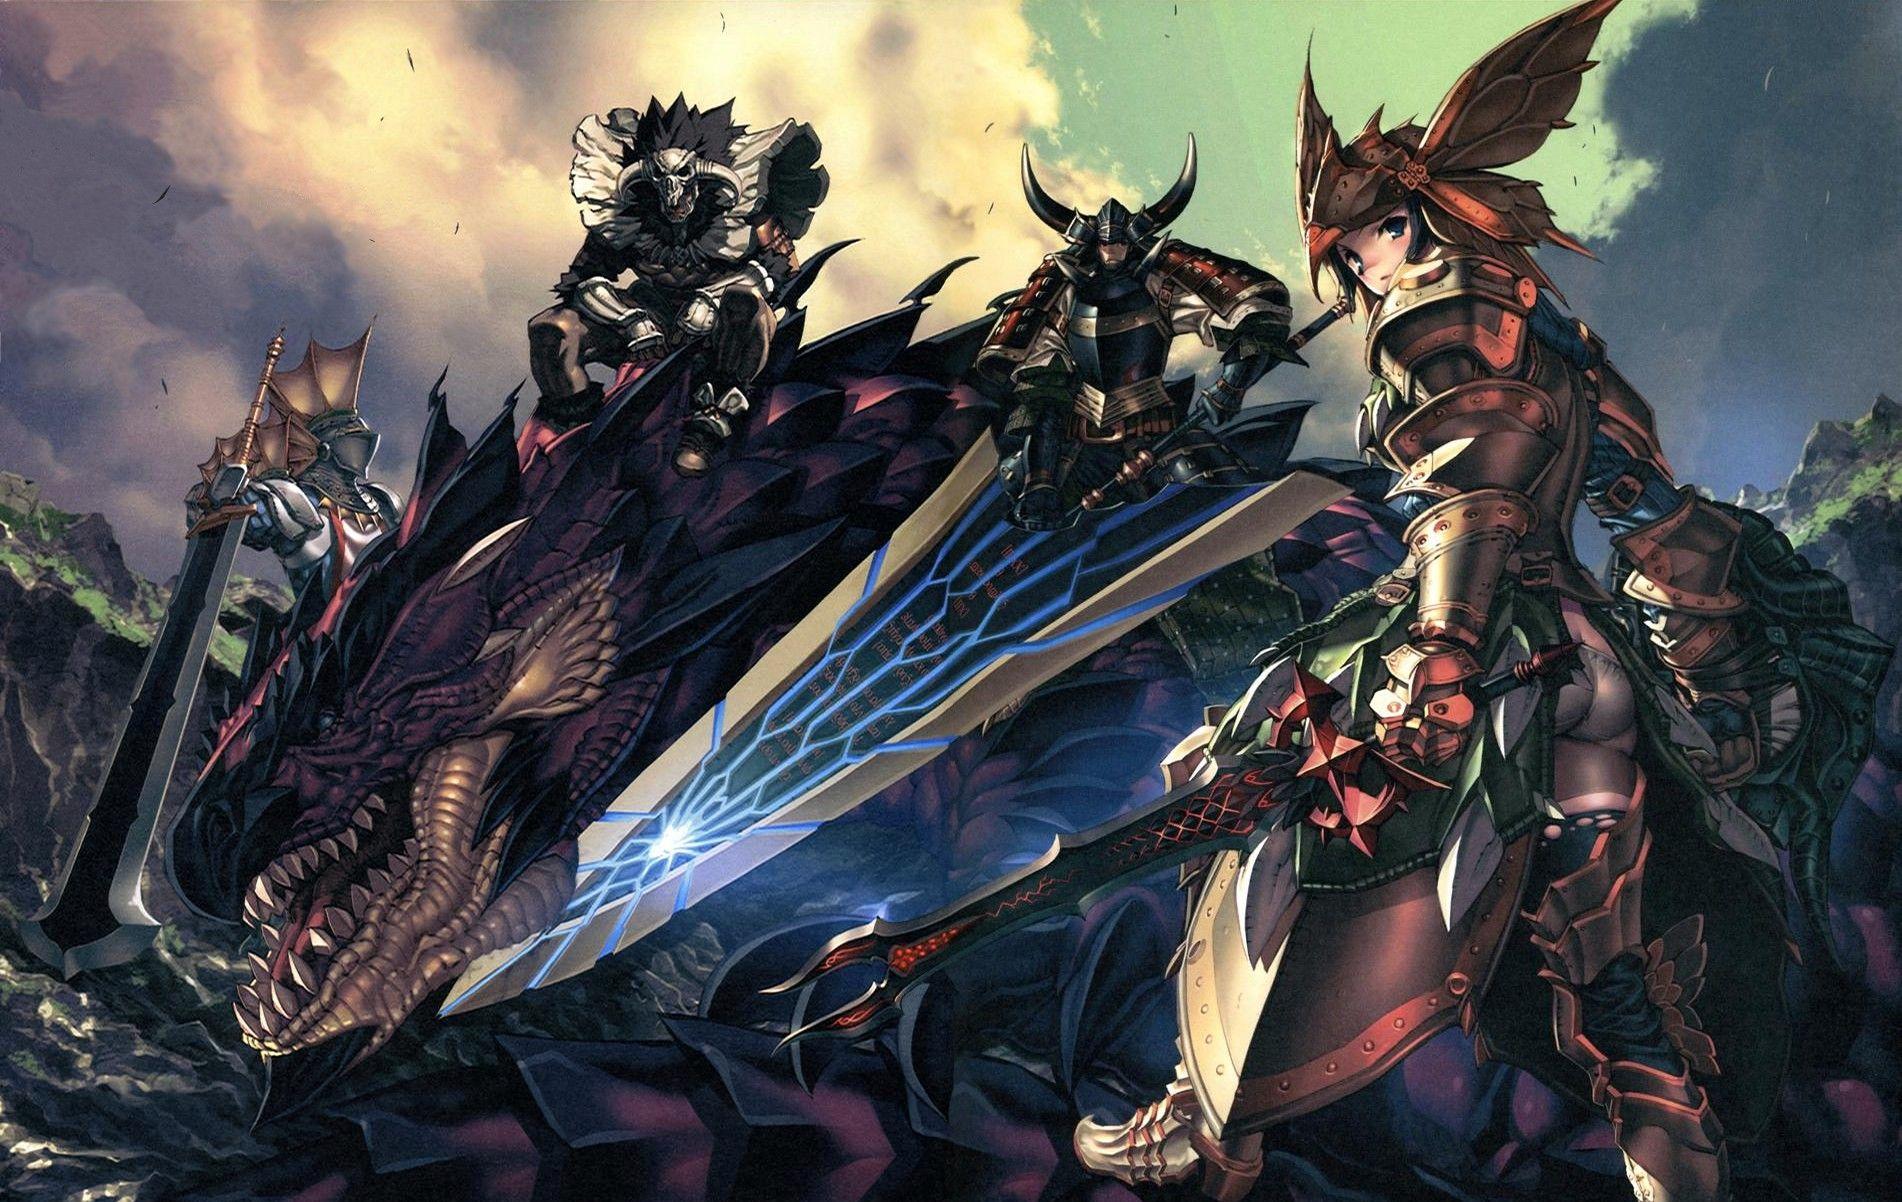 General 1902x1202 Monster Hunter Monster Hunter Art Monster Hunter Monster Hunter Series